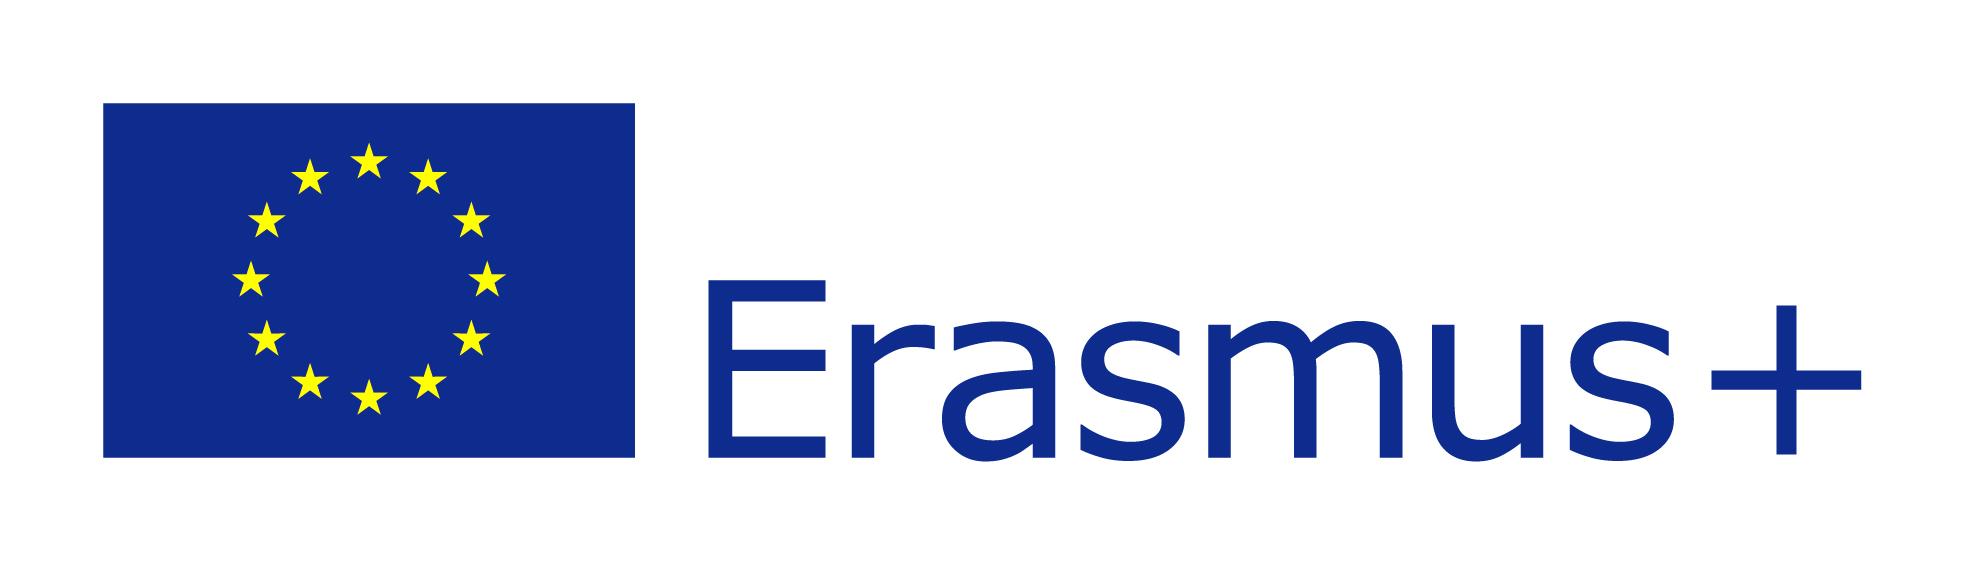 Ersmus+ Logo